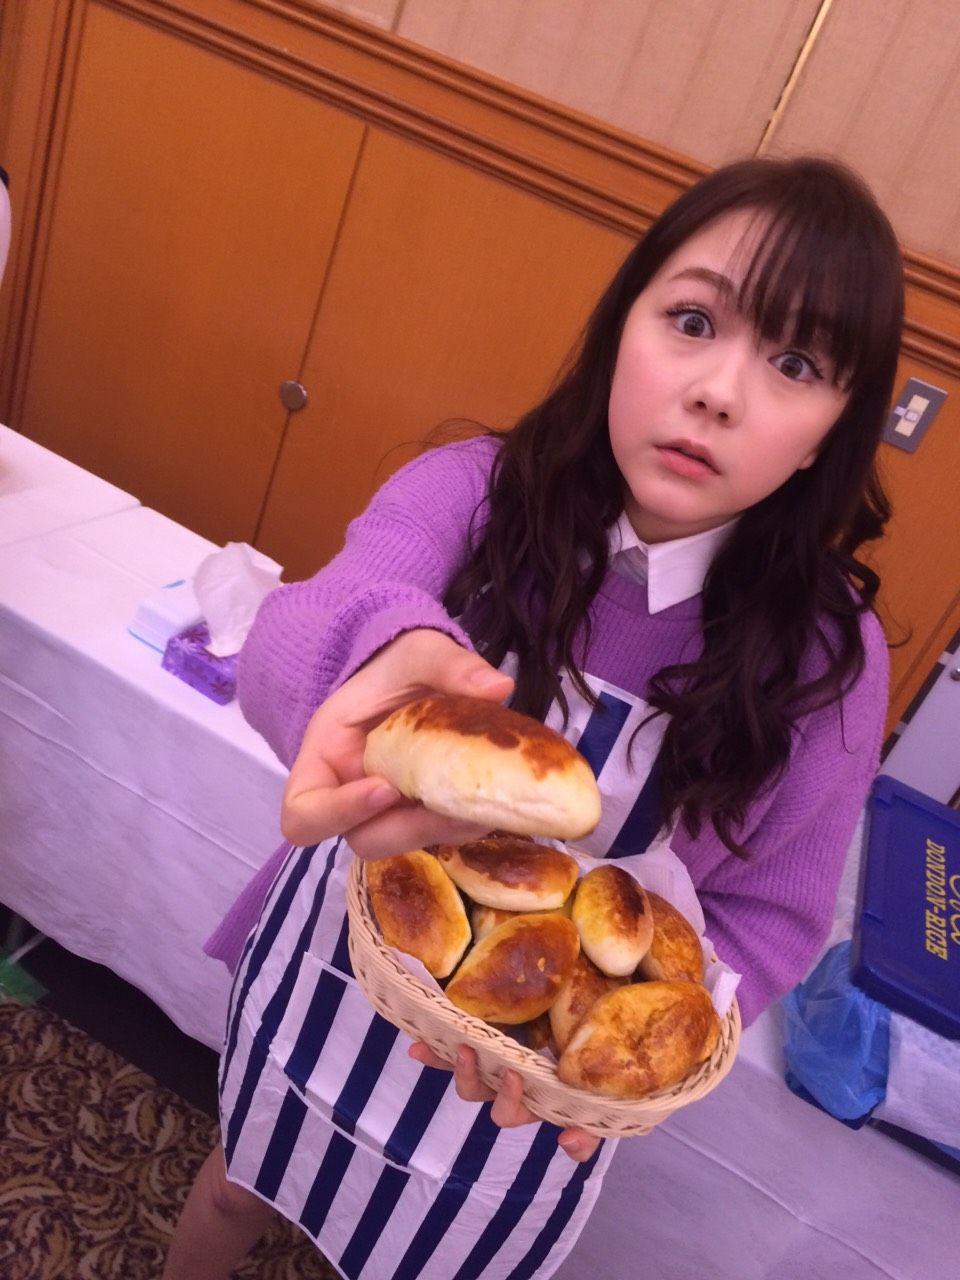 パンをあげている可愛い村重杏奈の画像♪